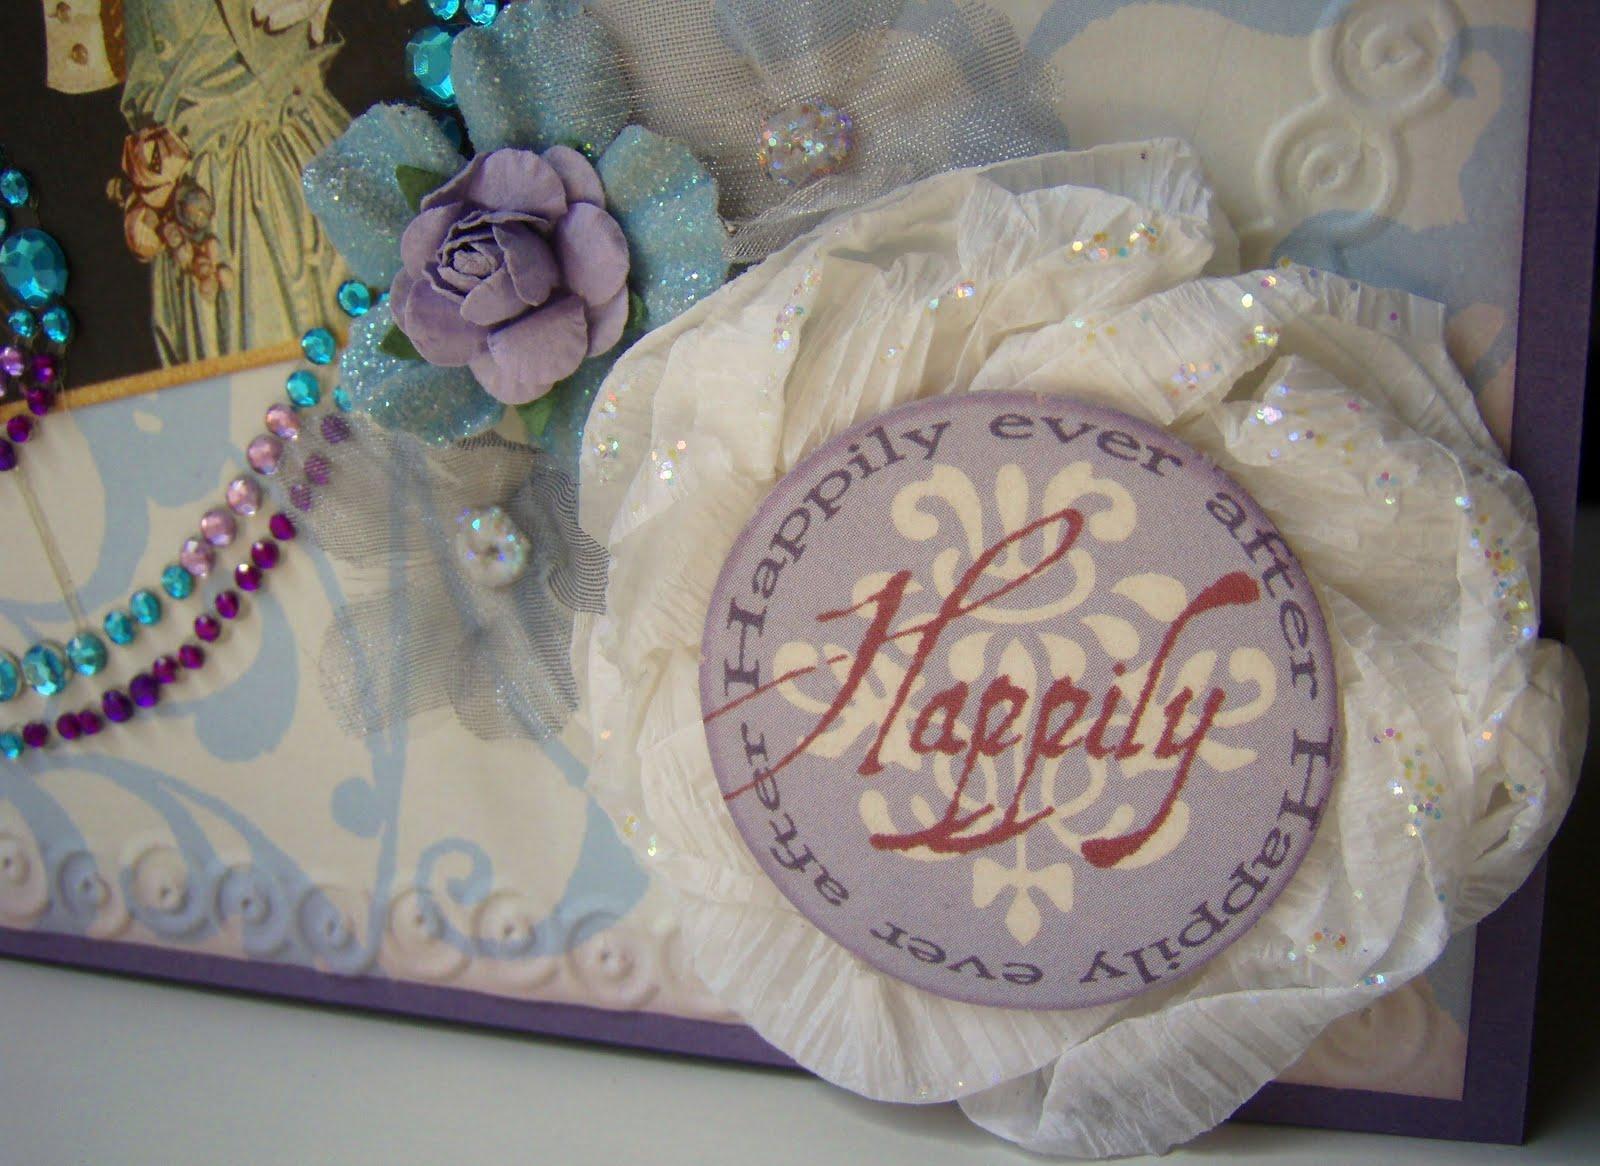 http://1.bp.blogspot.com/_P2TImJIIb0o/TI0_aSGAhRI/AAAAAAAABaQ/sfgiAkt4ekU/s1600/WeddingMair2.JPG